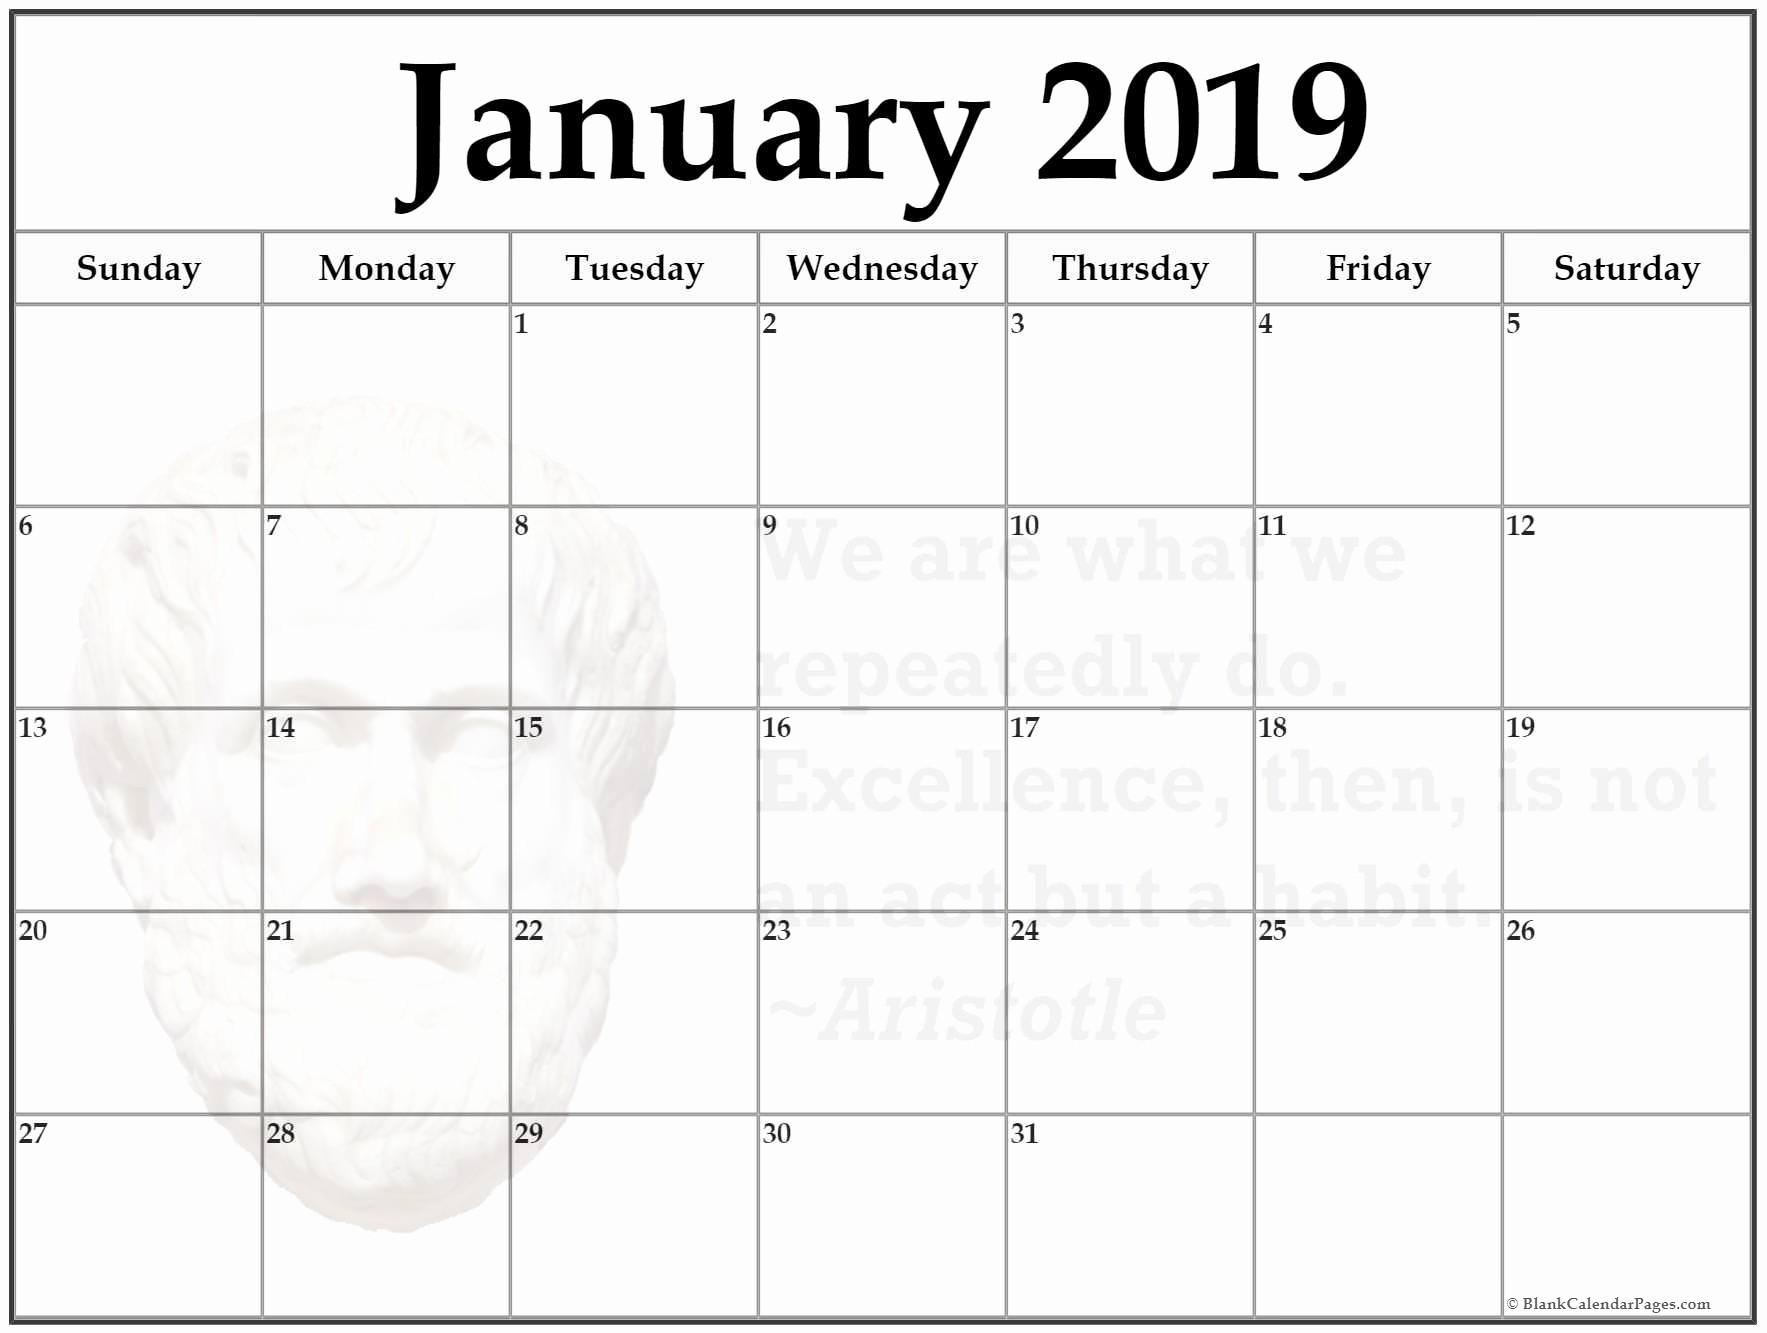 March Calendar Canada Actual January 2019 Calendars Canada Lara Expolicenciaslatam Of March Calendar Canada Más Recientes Flowers March 2019 Desktop Calendar March March2019